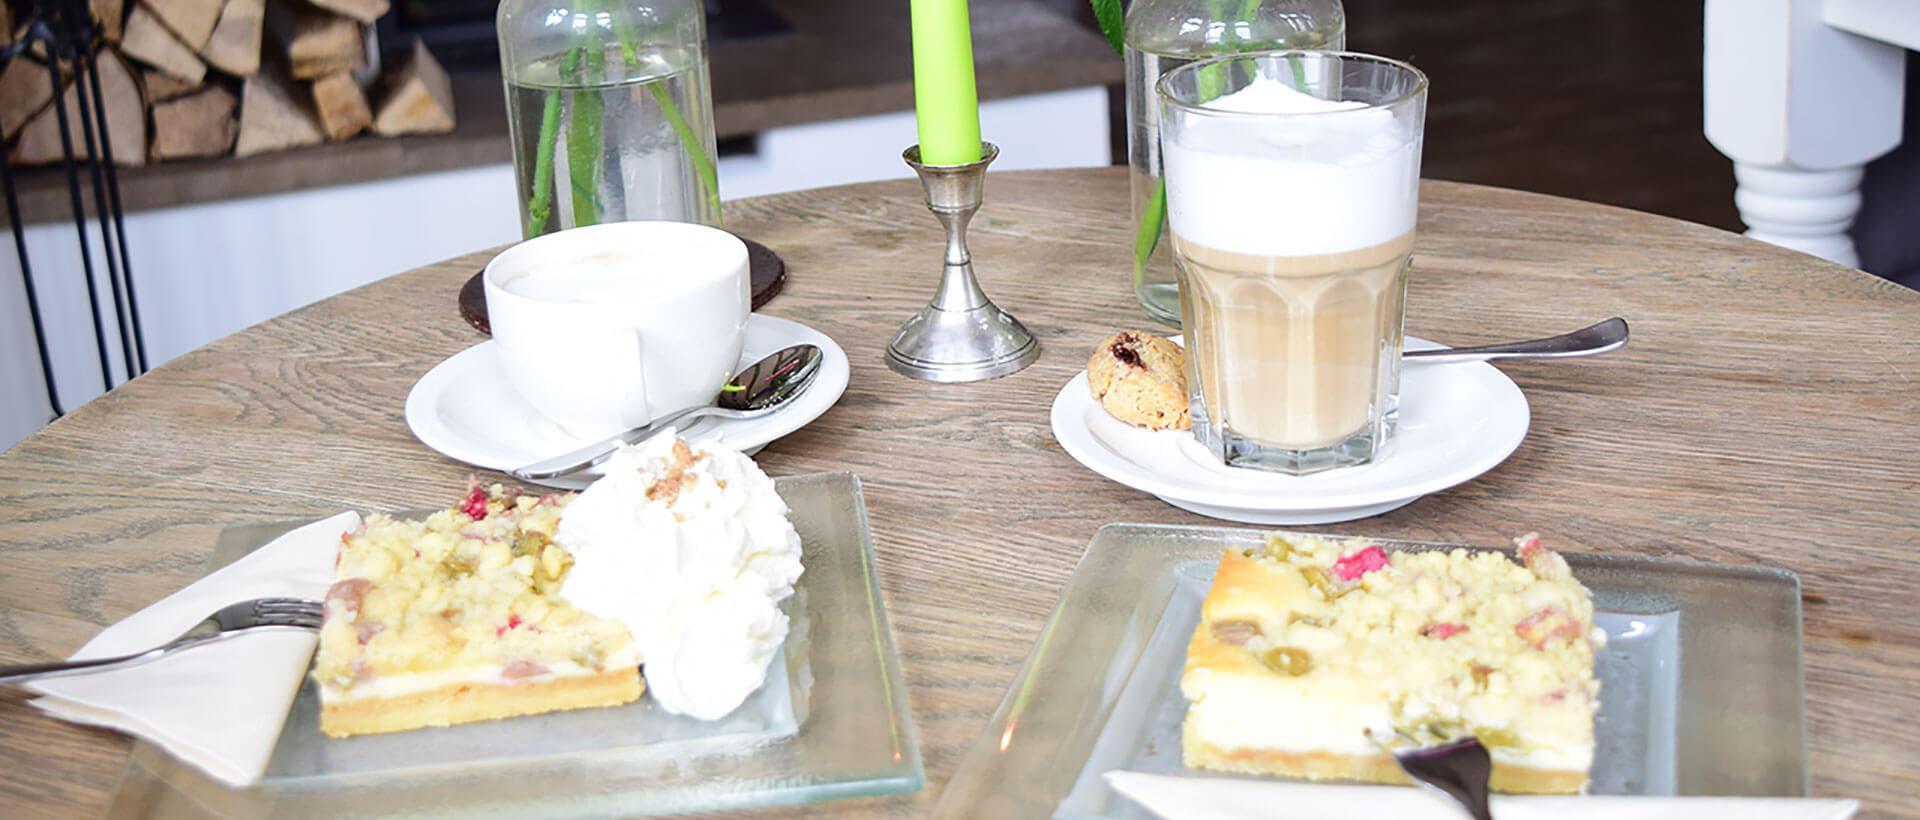 Kaffee und Kuchen im Restaurant Waldschlösschen